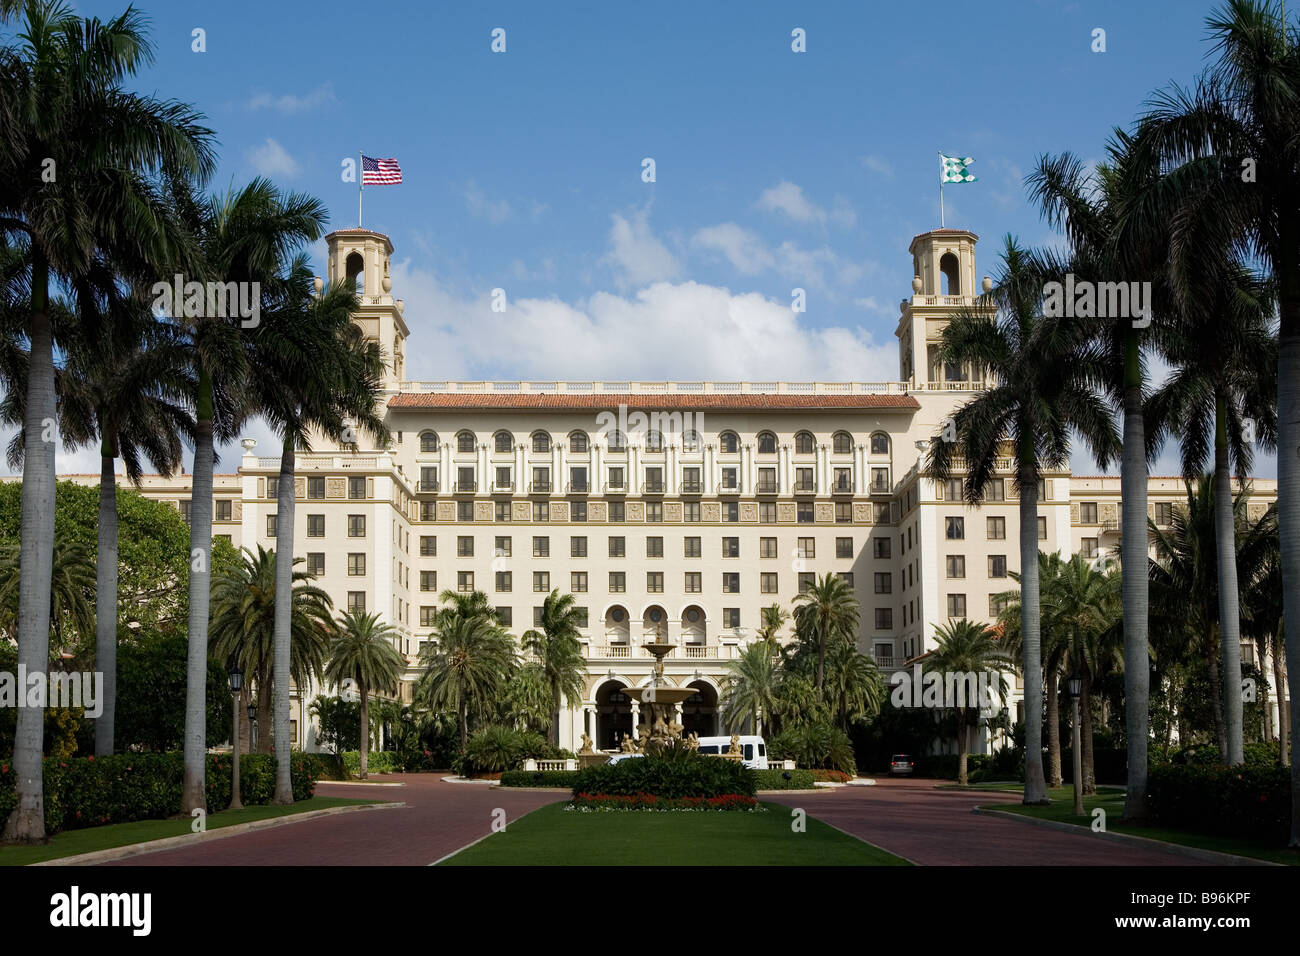 Casino west palm beach florida